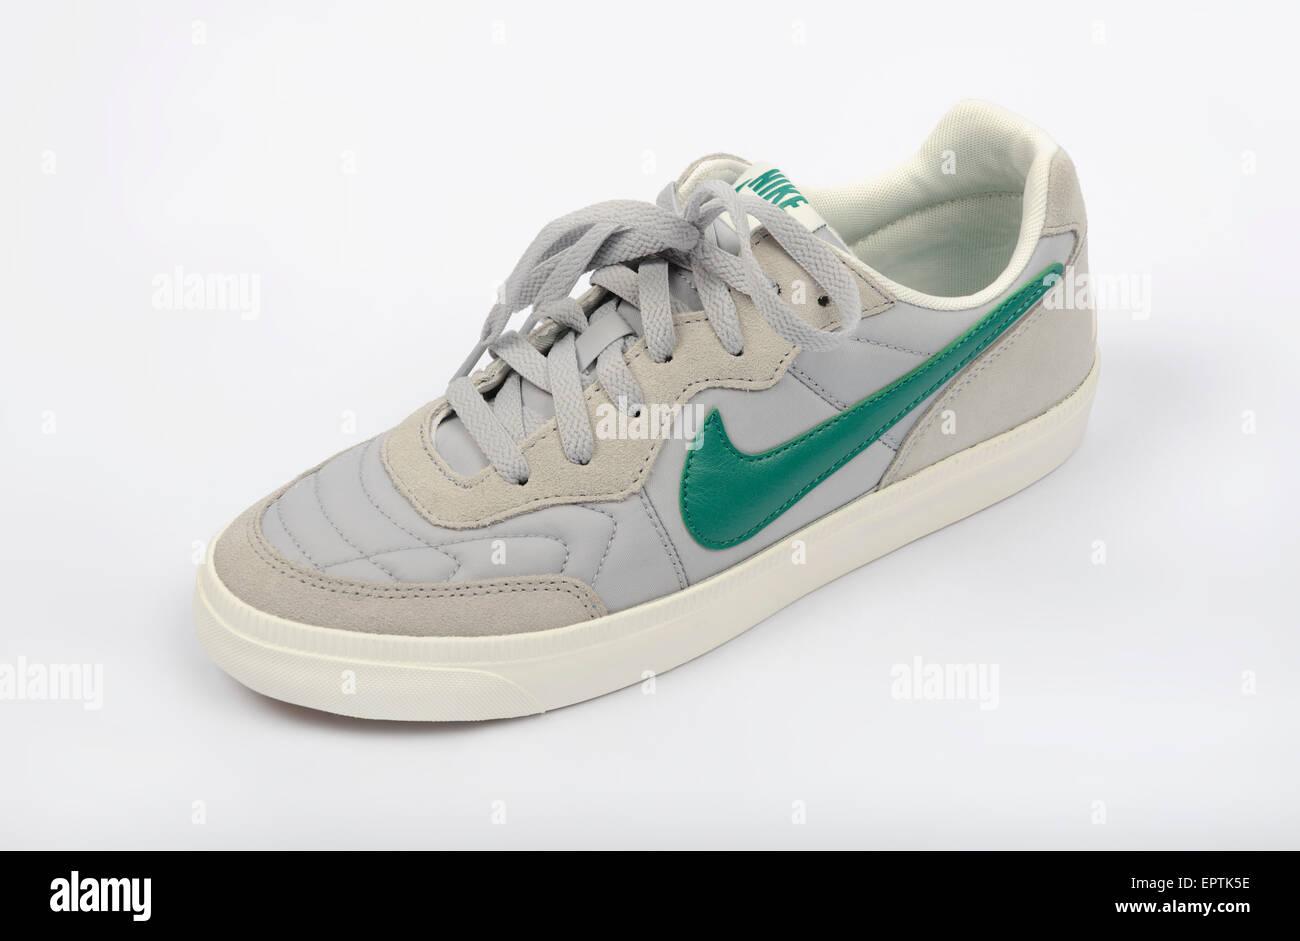 Nike walking shoe featuring a green